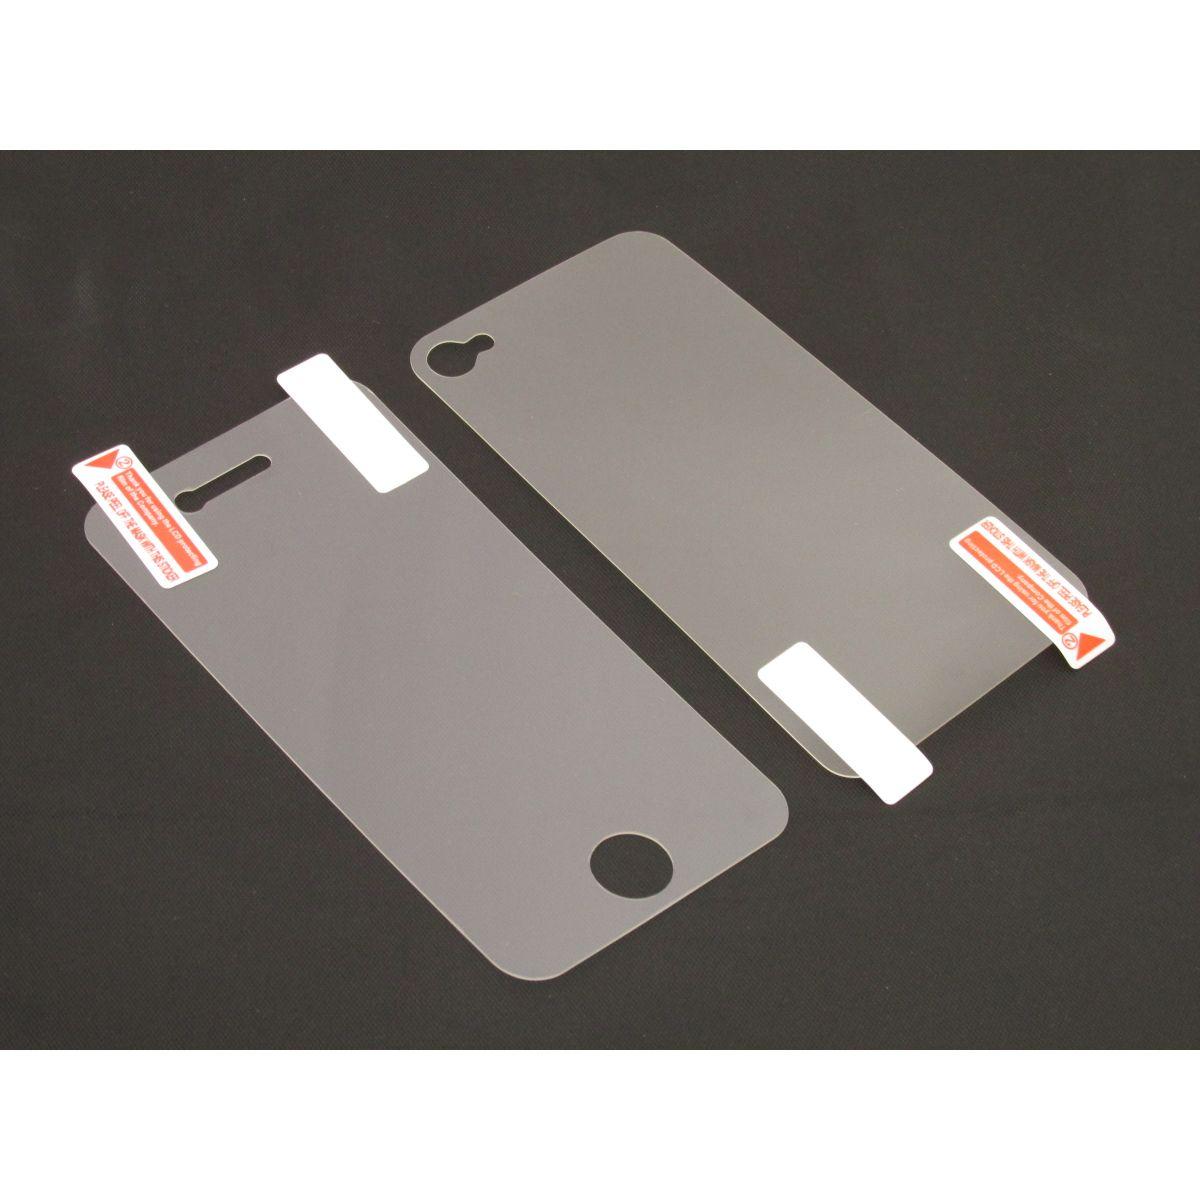 Pelicula Protetora para Iphone 4 4S Frente e Verso Fosca